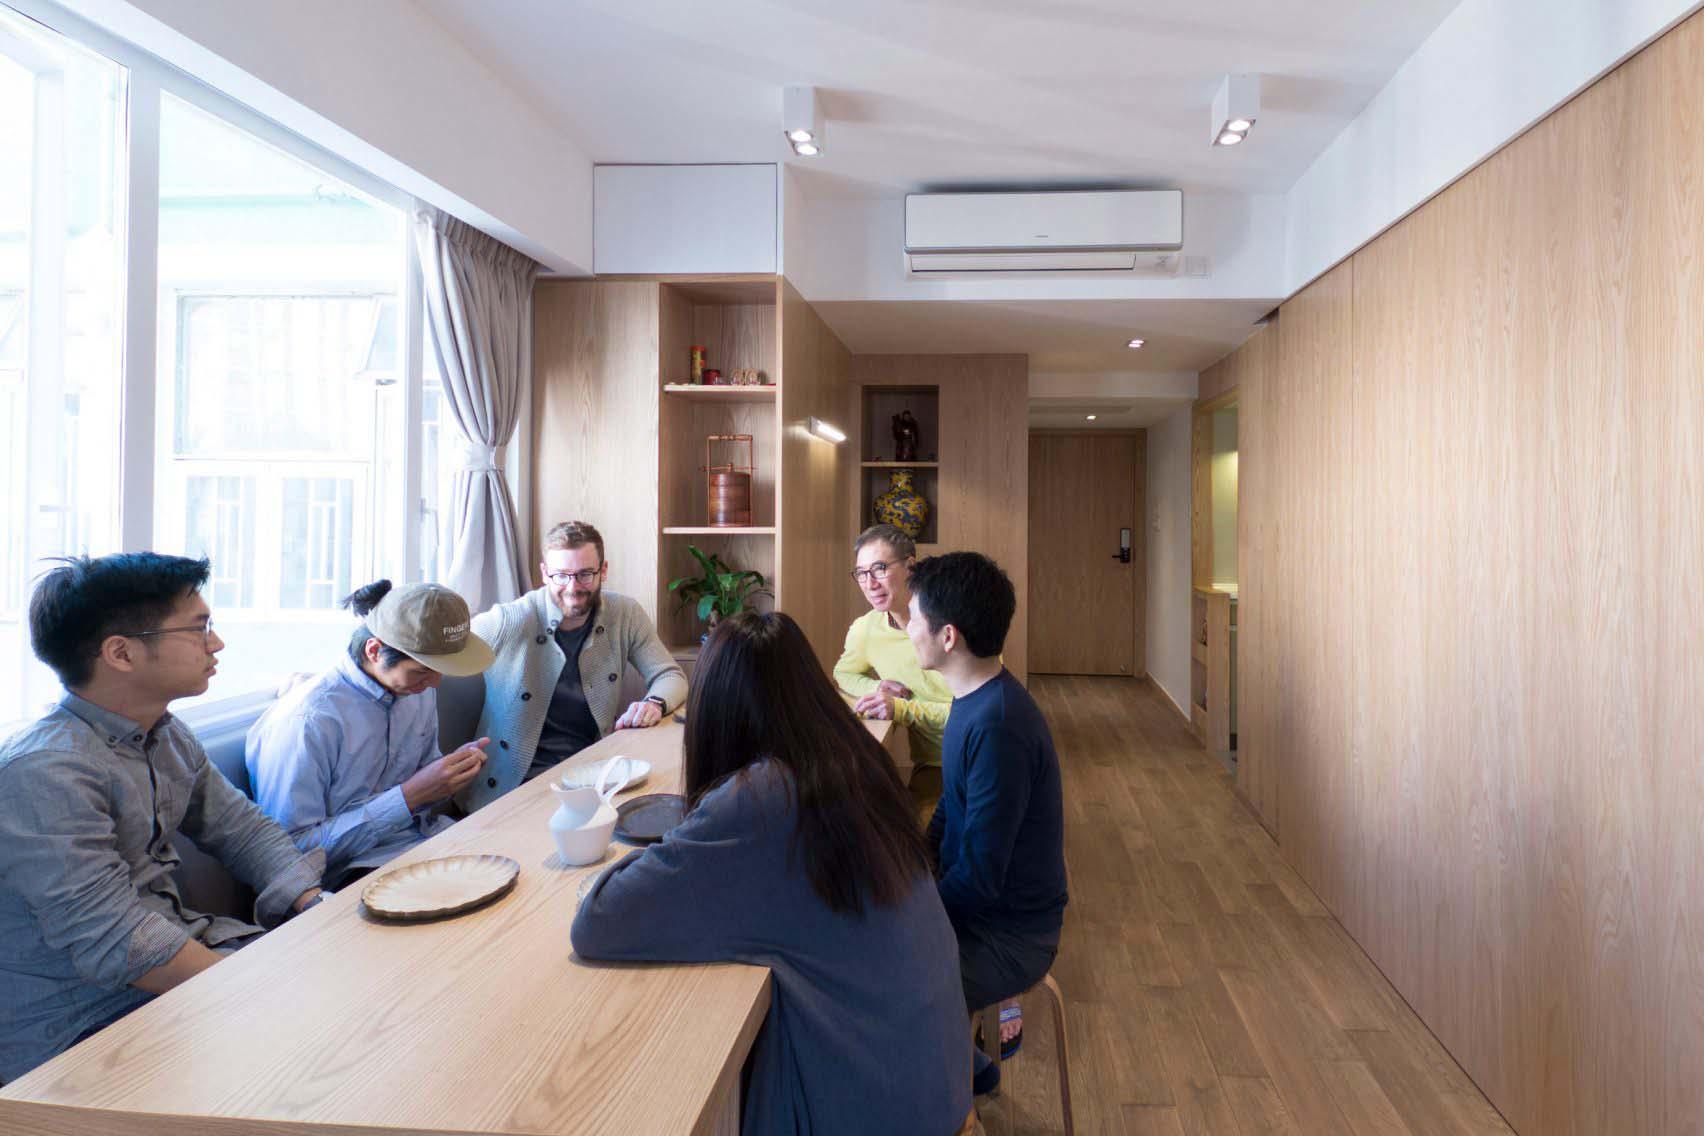 Thiết kế siêu thông minh biến căn nhà nhỏ trở nên rộng rãi hơn hẳn - 7